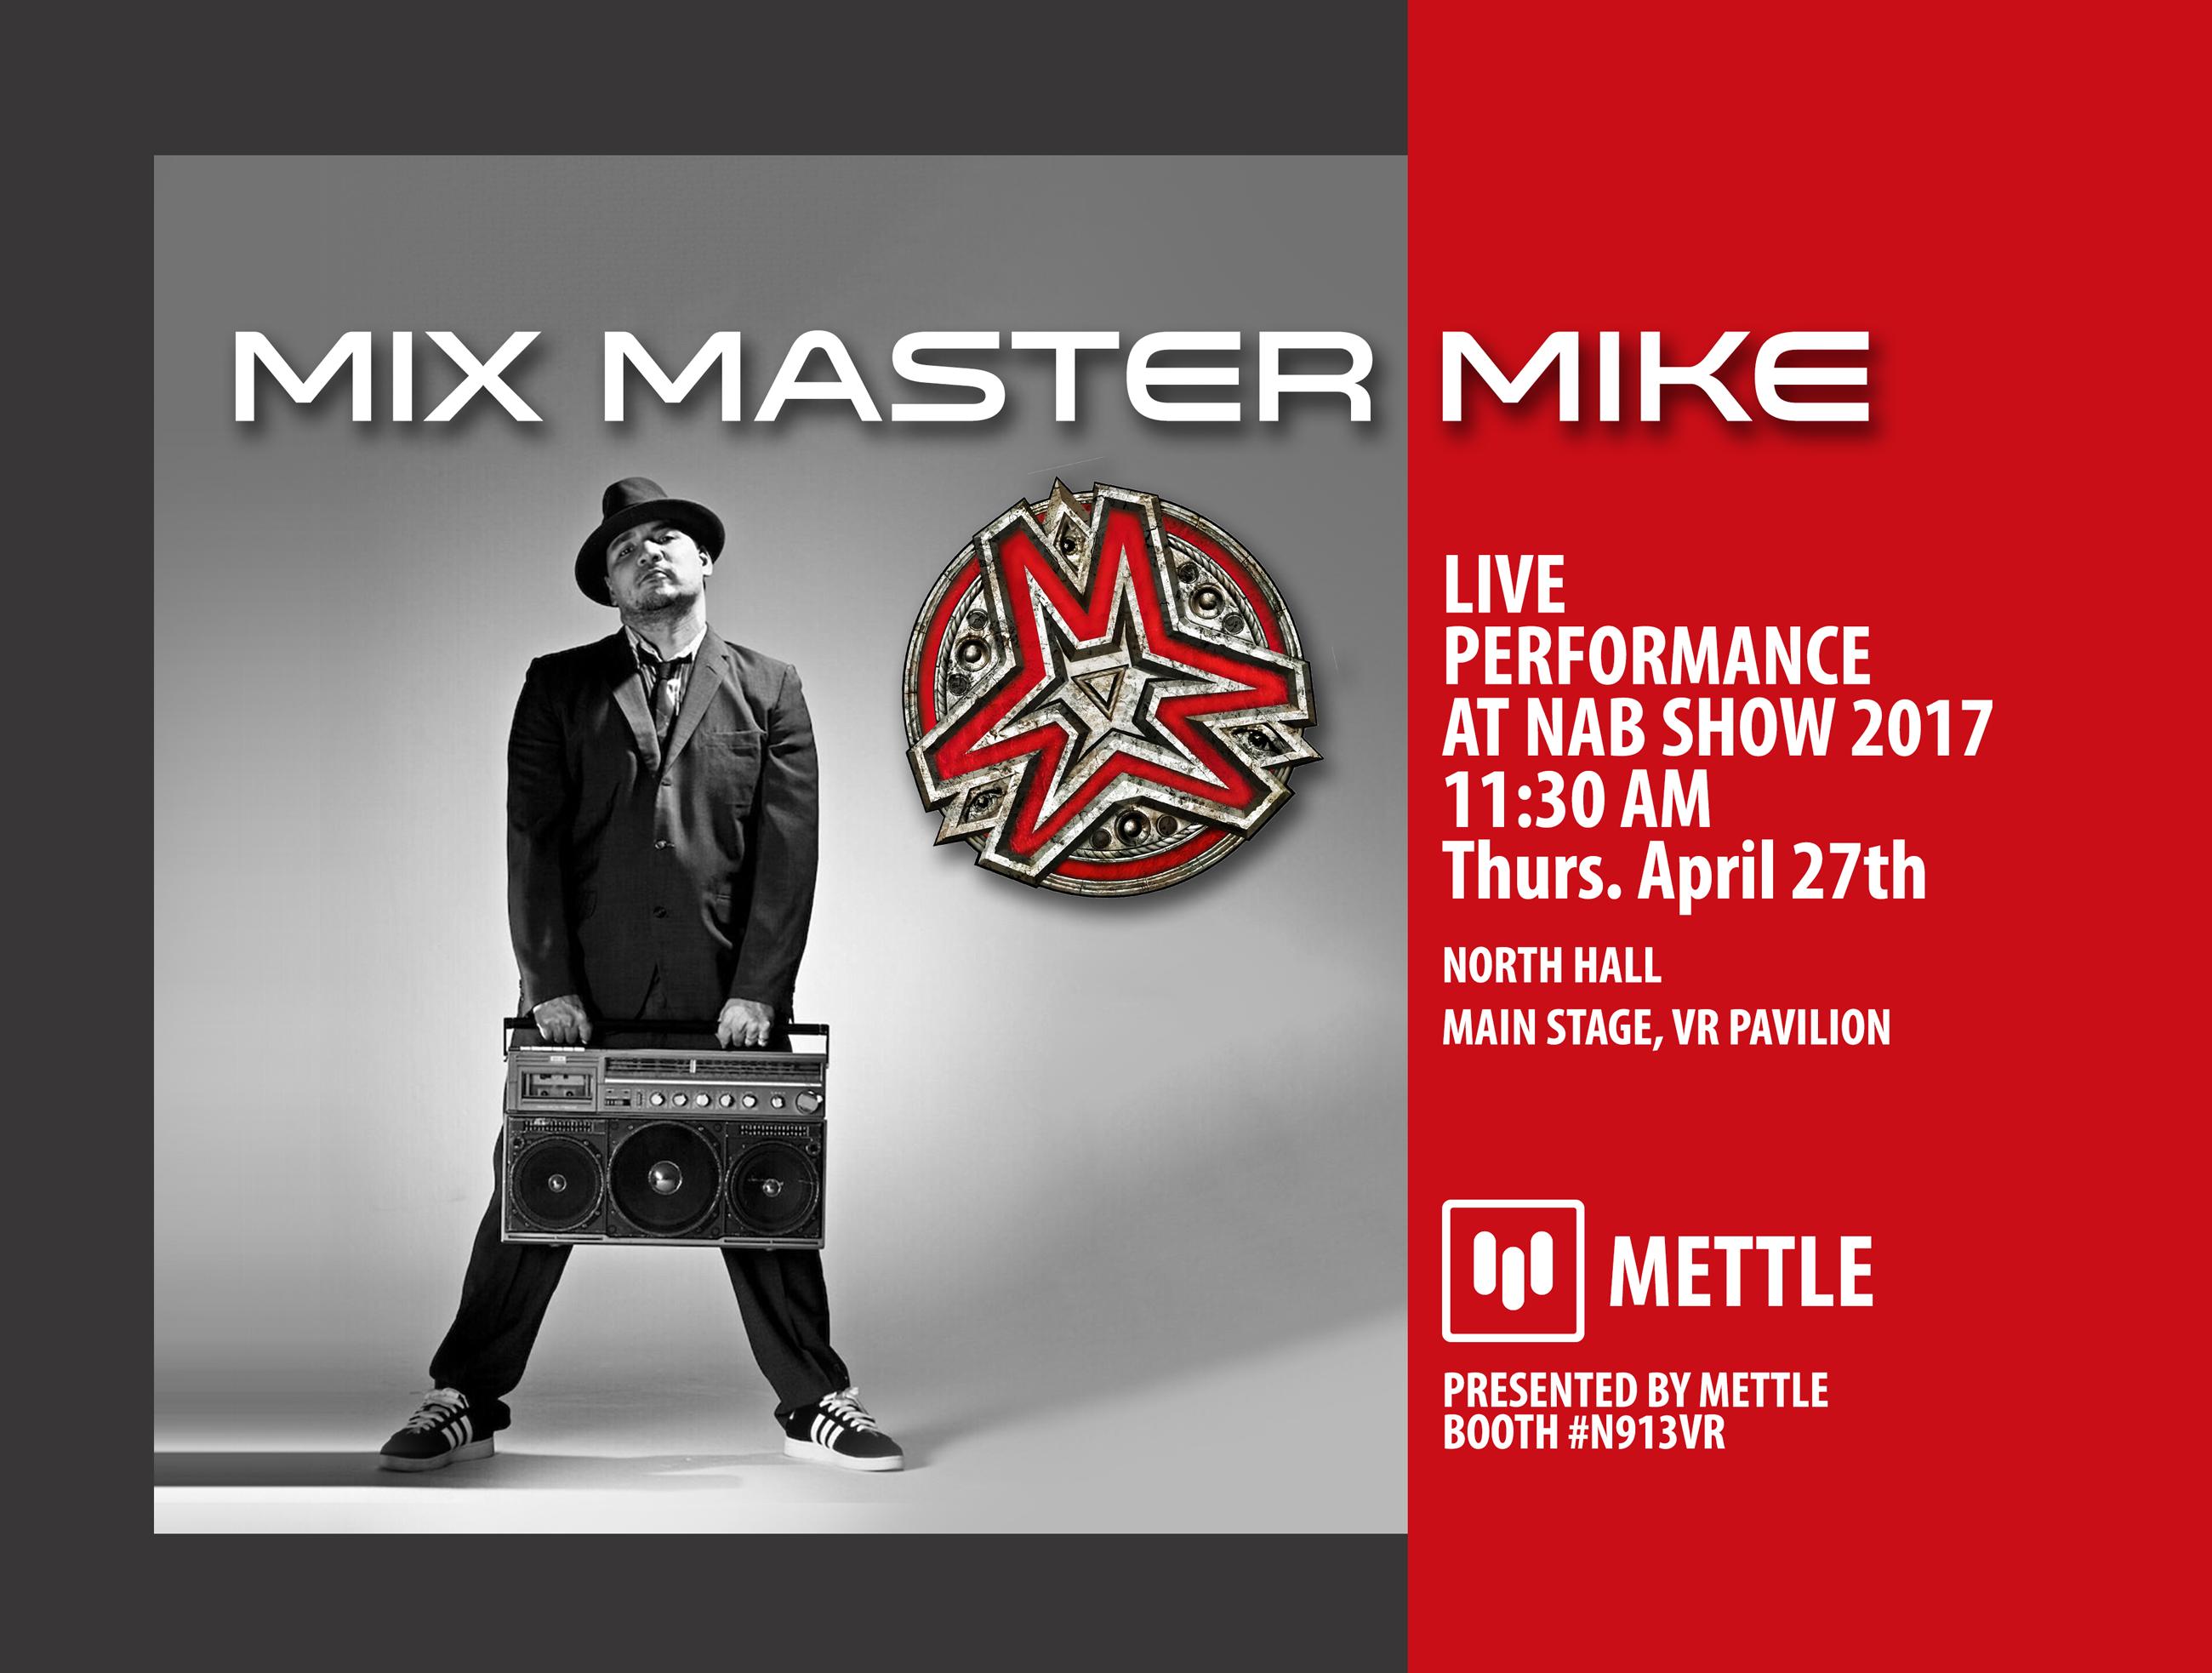 Mettle-MMMike-Postcard-NAB-2017